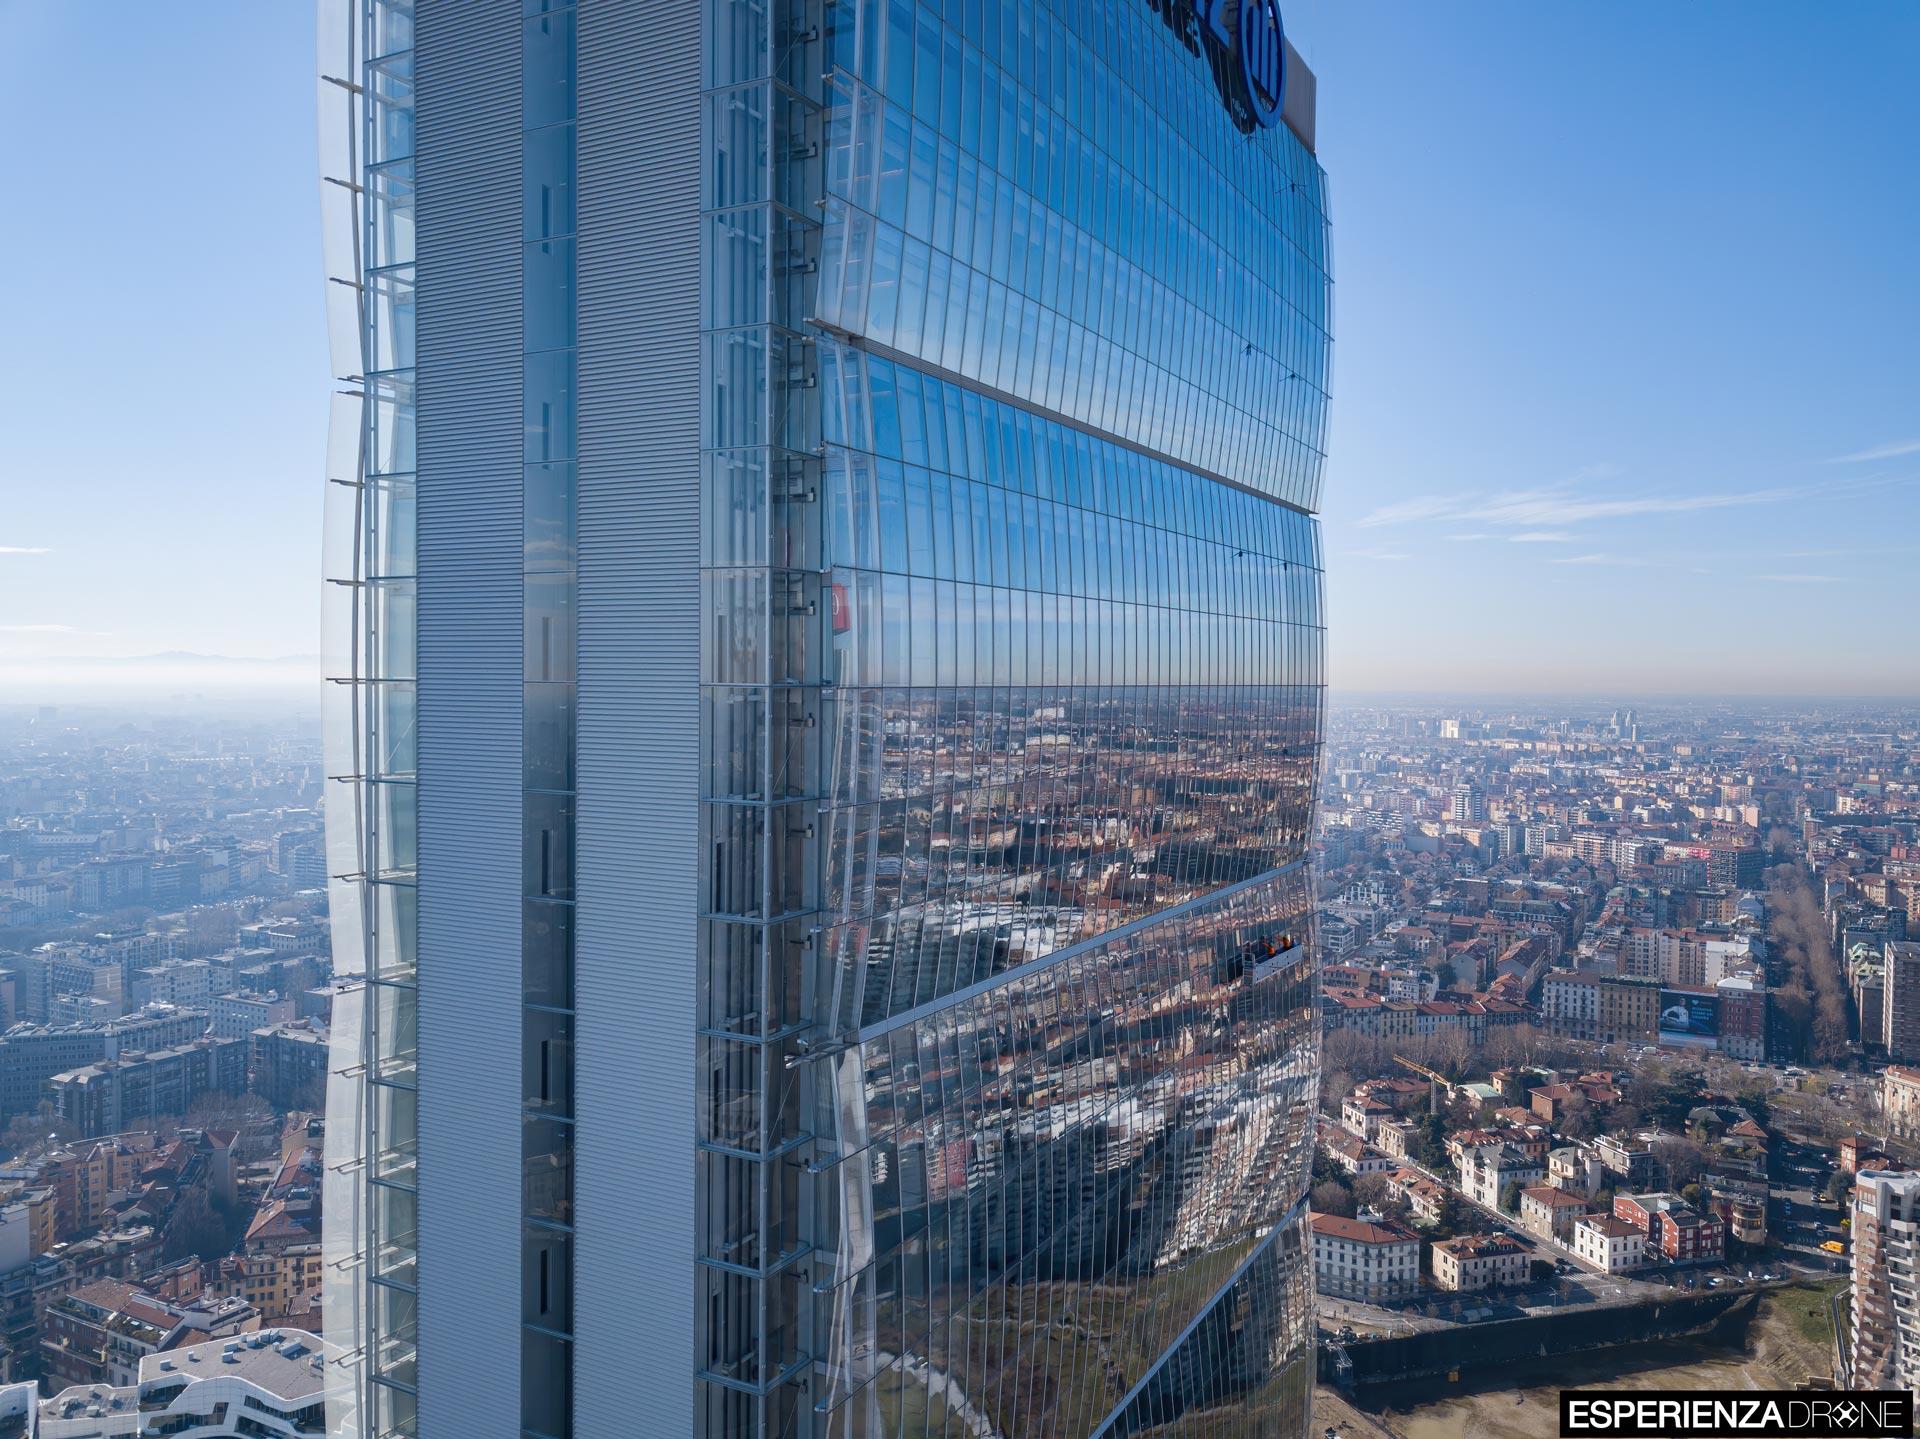 esperienza drone fotografia aerea costruzione torri citylife milano otto.jpg